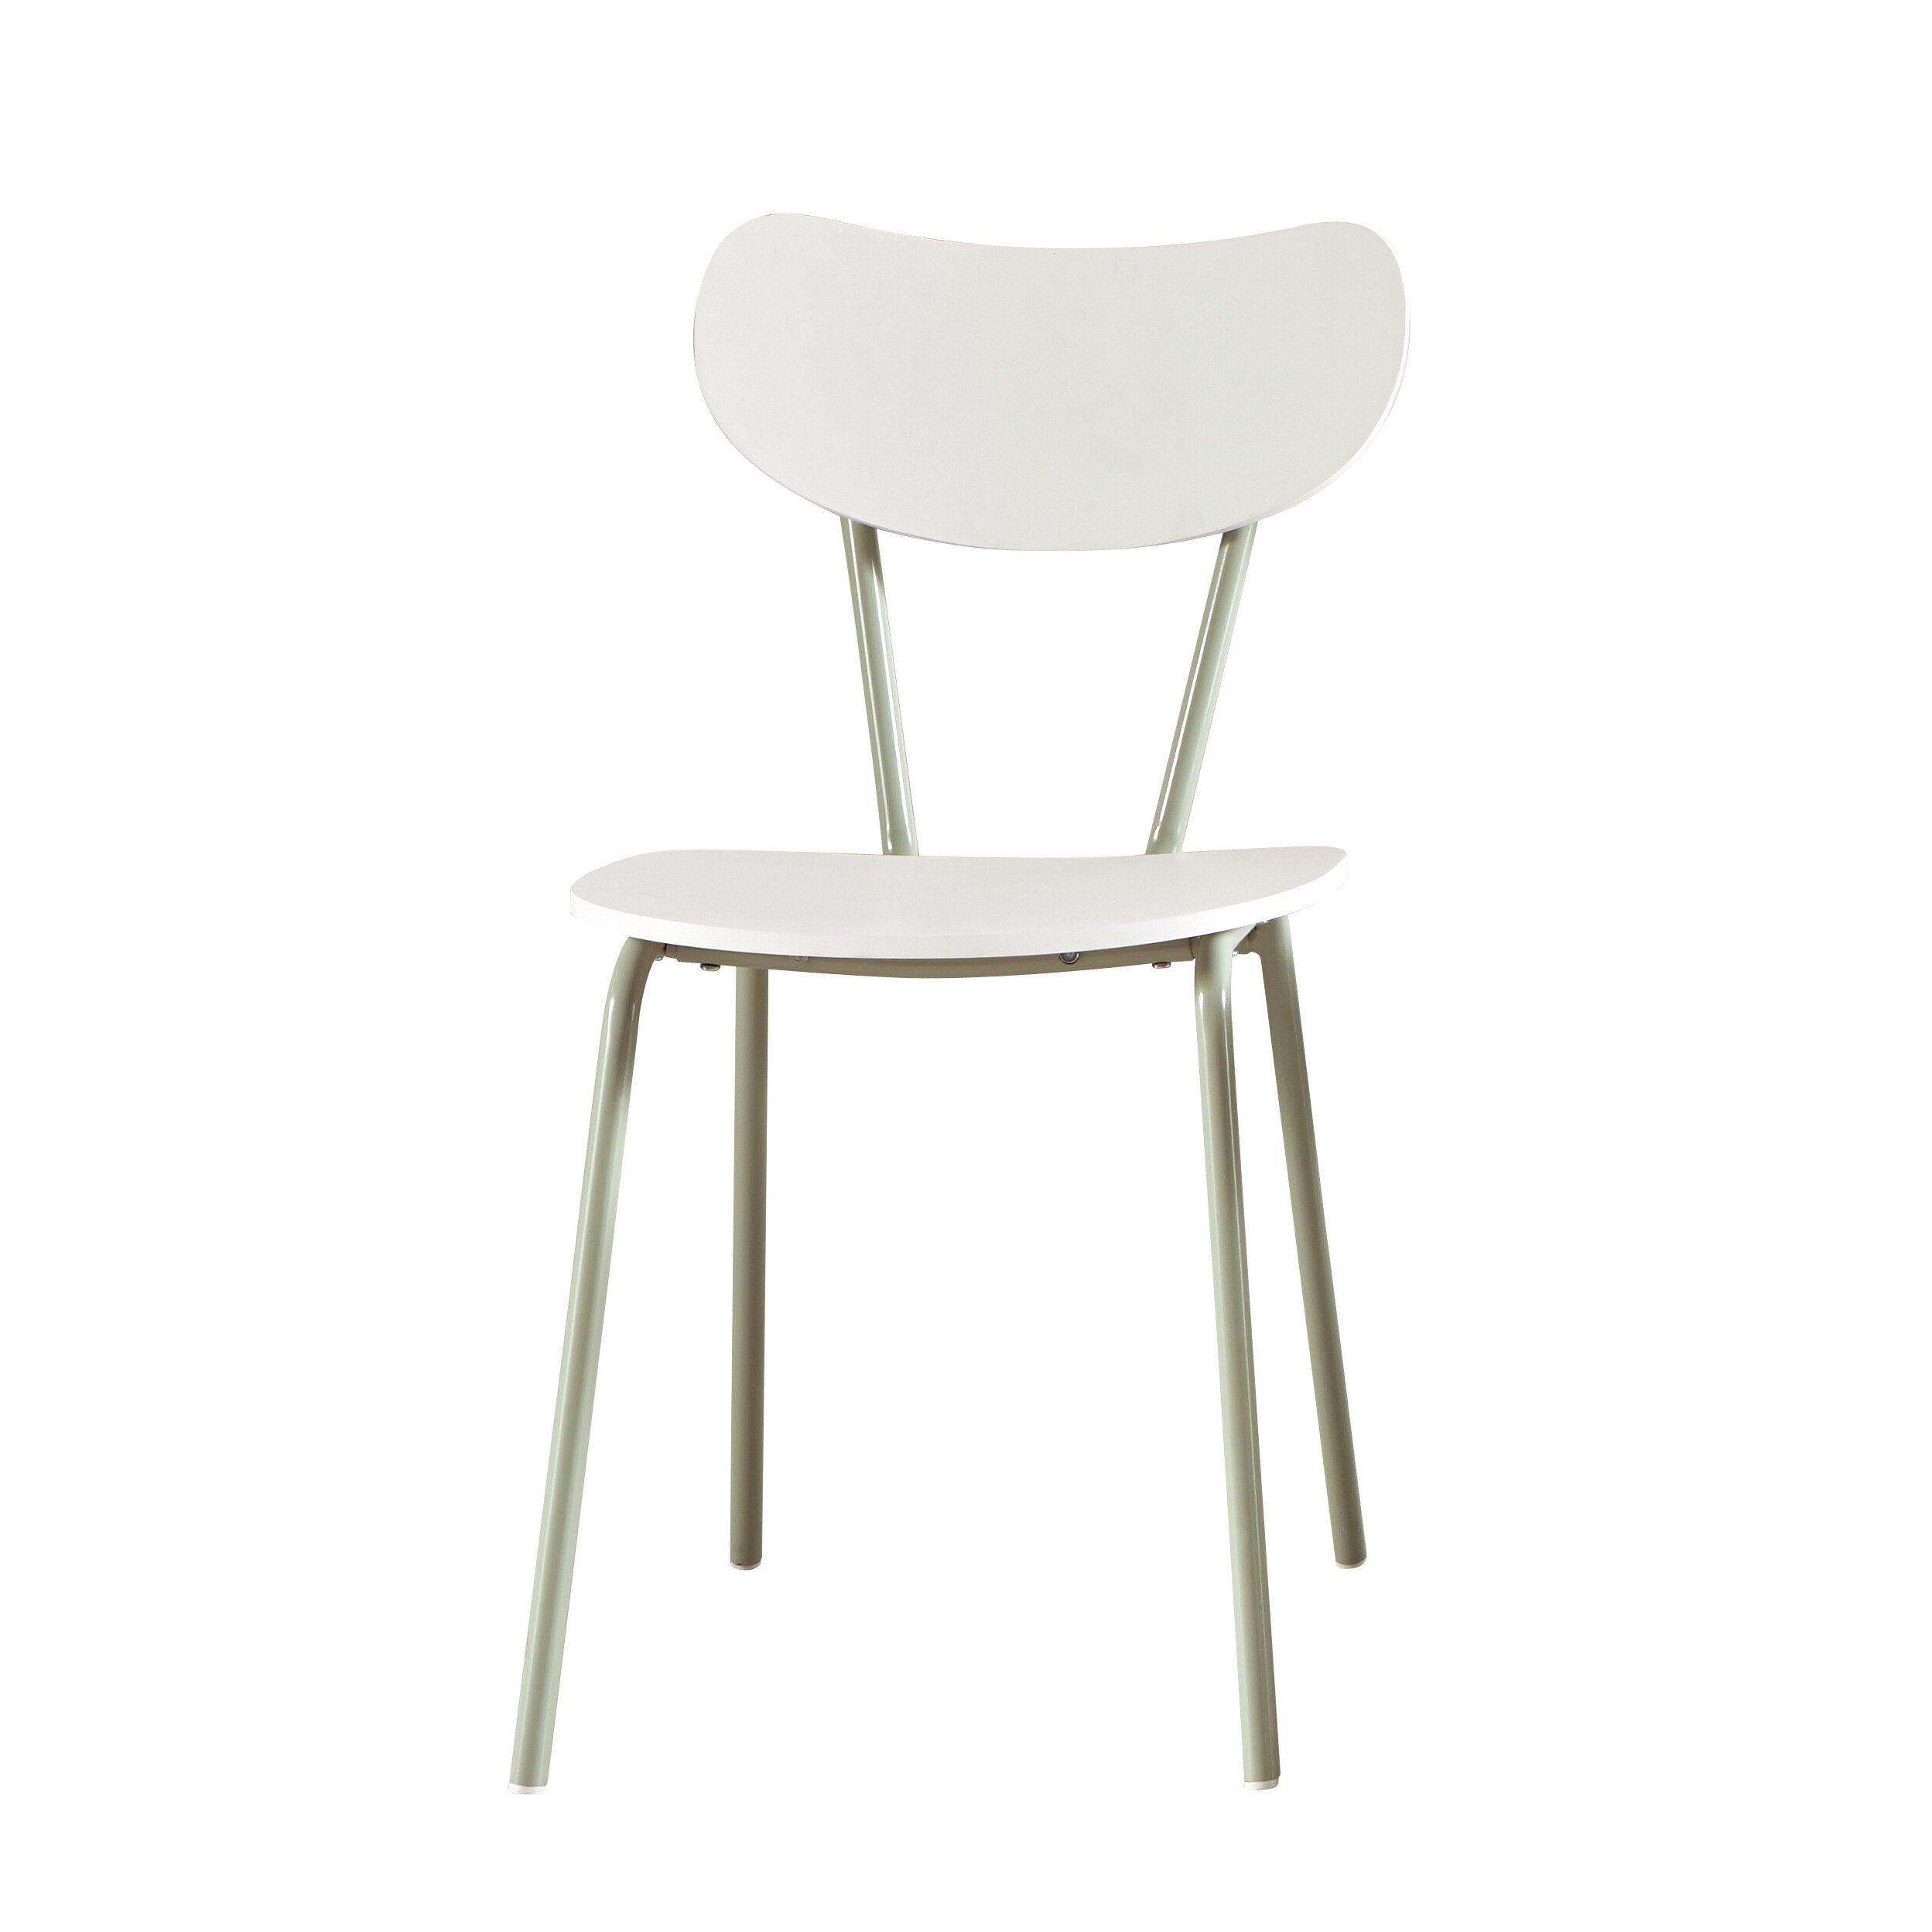 Wayfair Basics Dining chair & Reviews